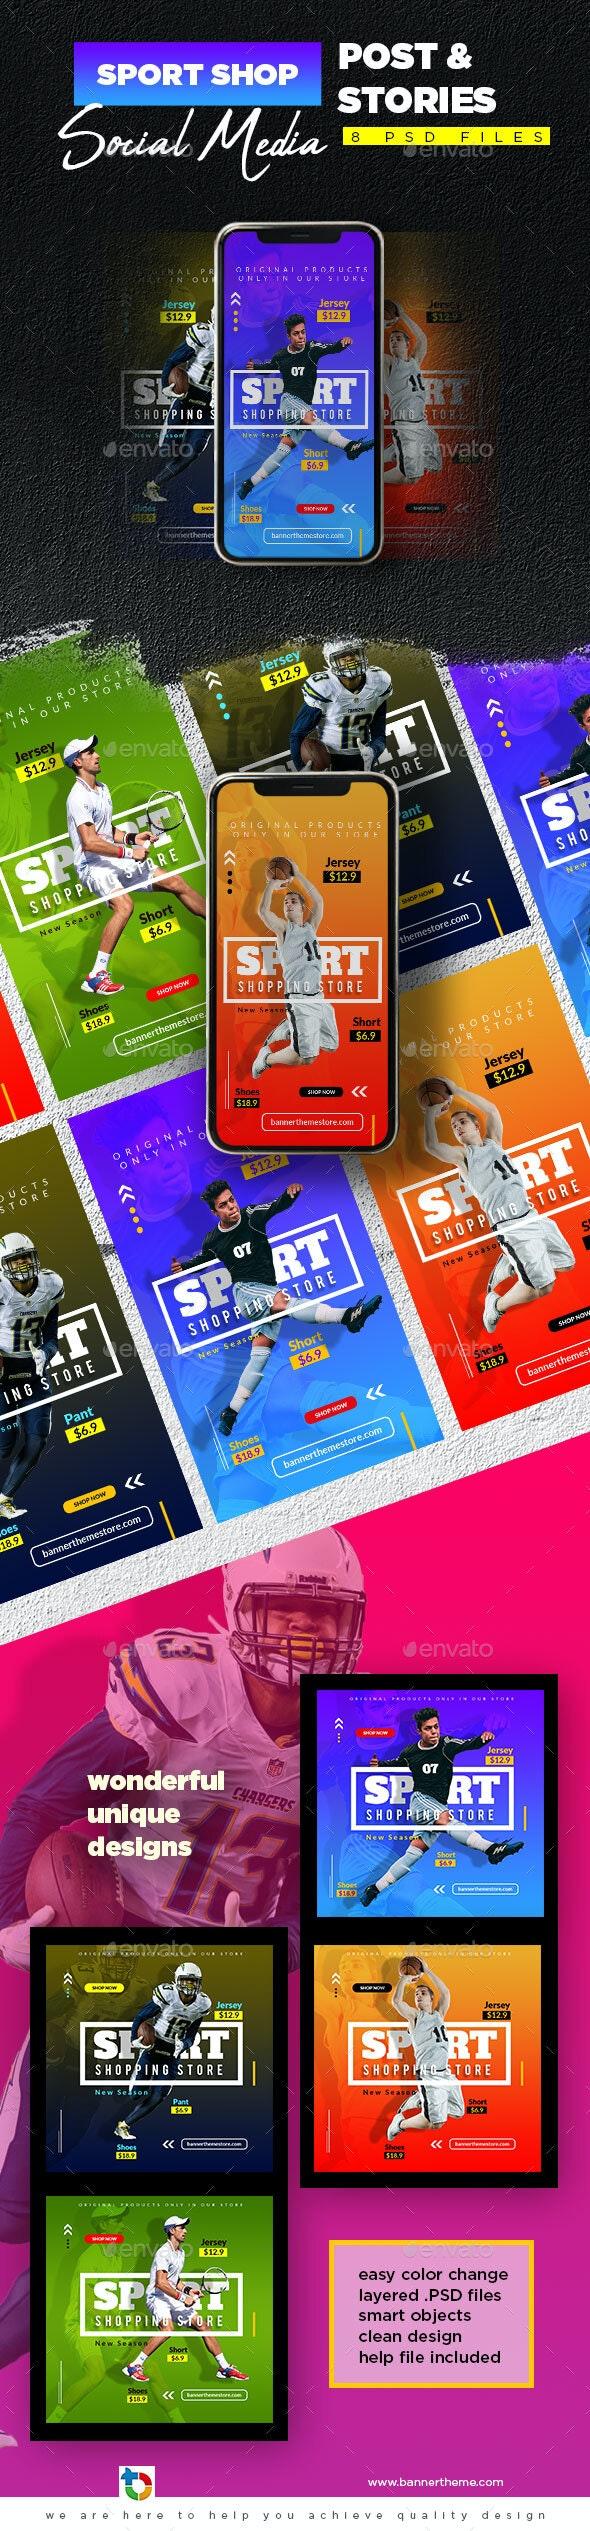 Sport Shop Social Media Post & Stories - Social Media Web Elements